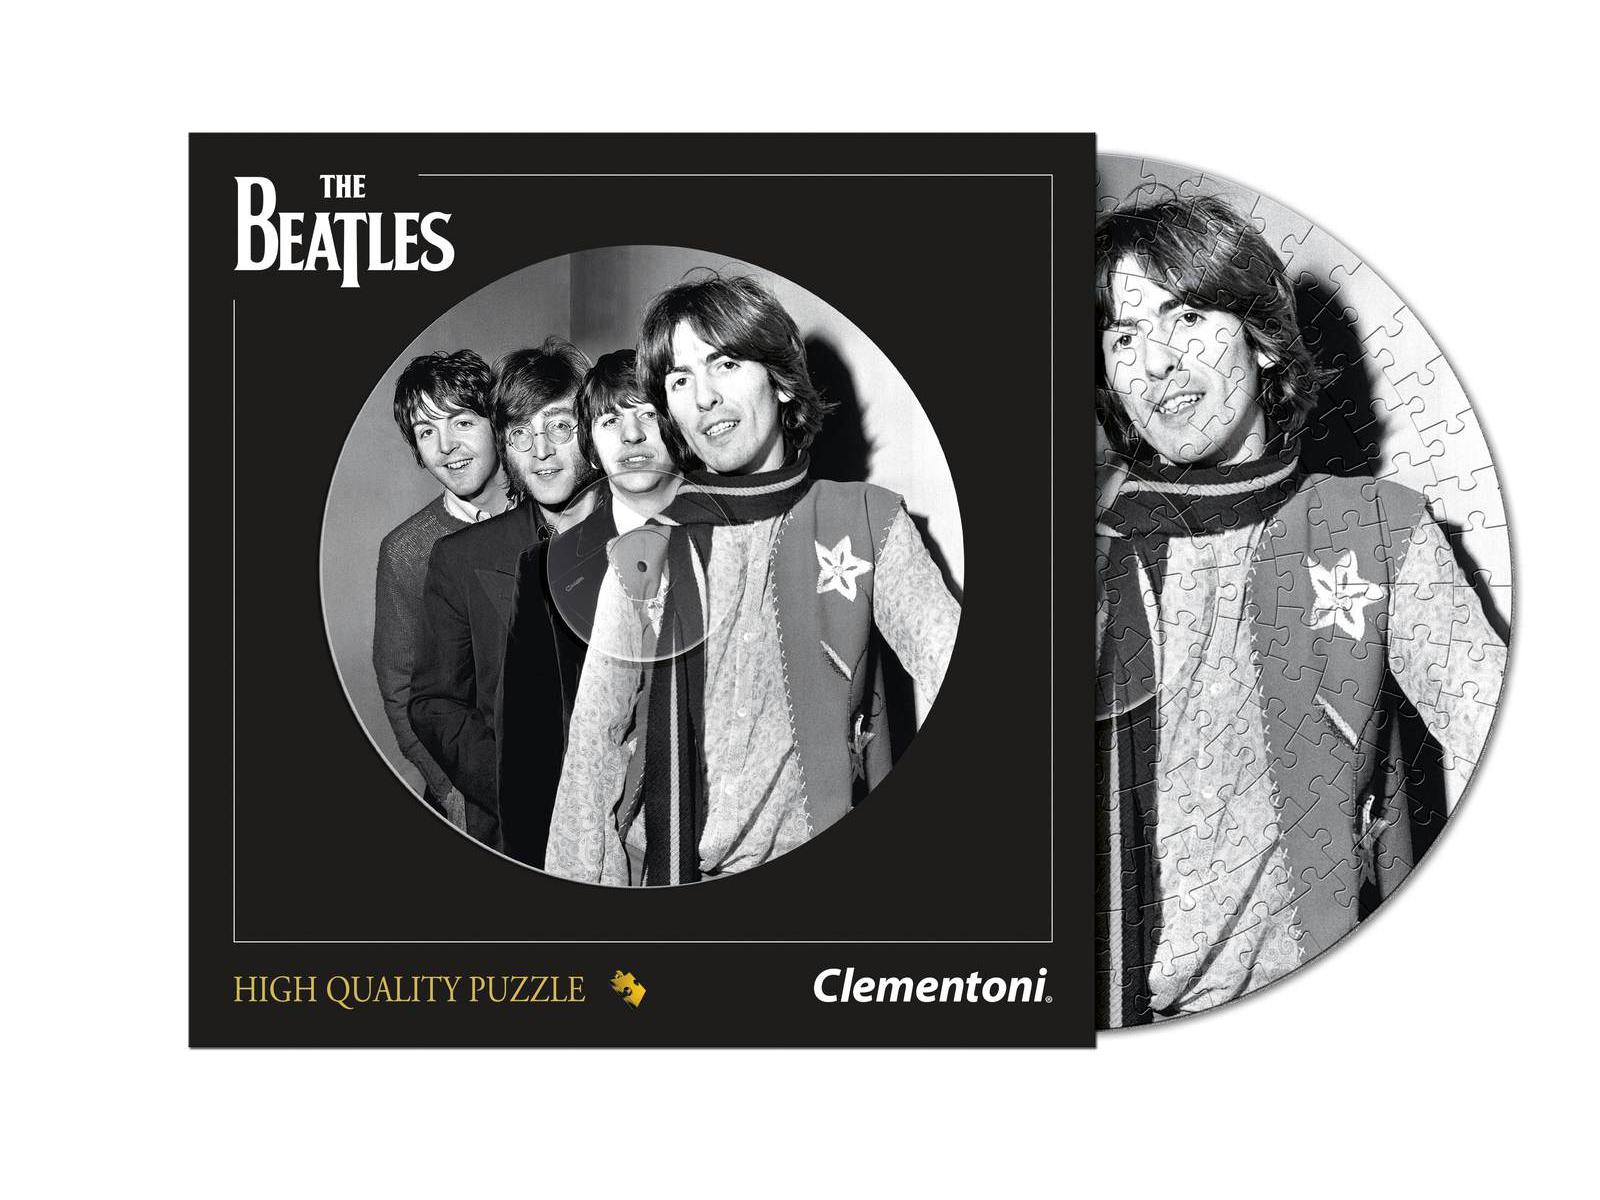 Puzzle Clementoni The Beatles, Helter Skelter de 212 Piezas